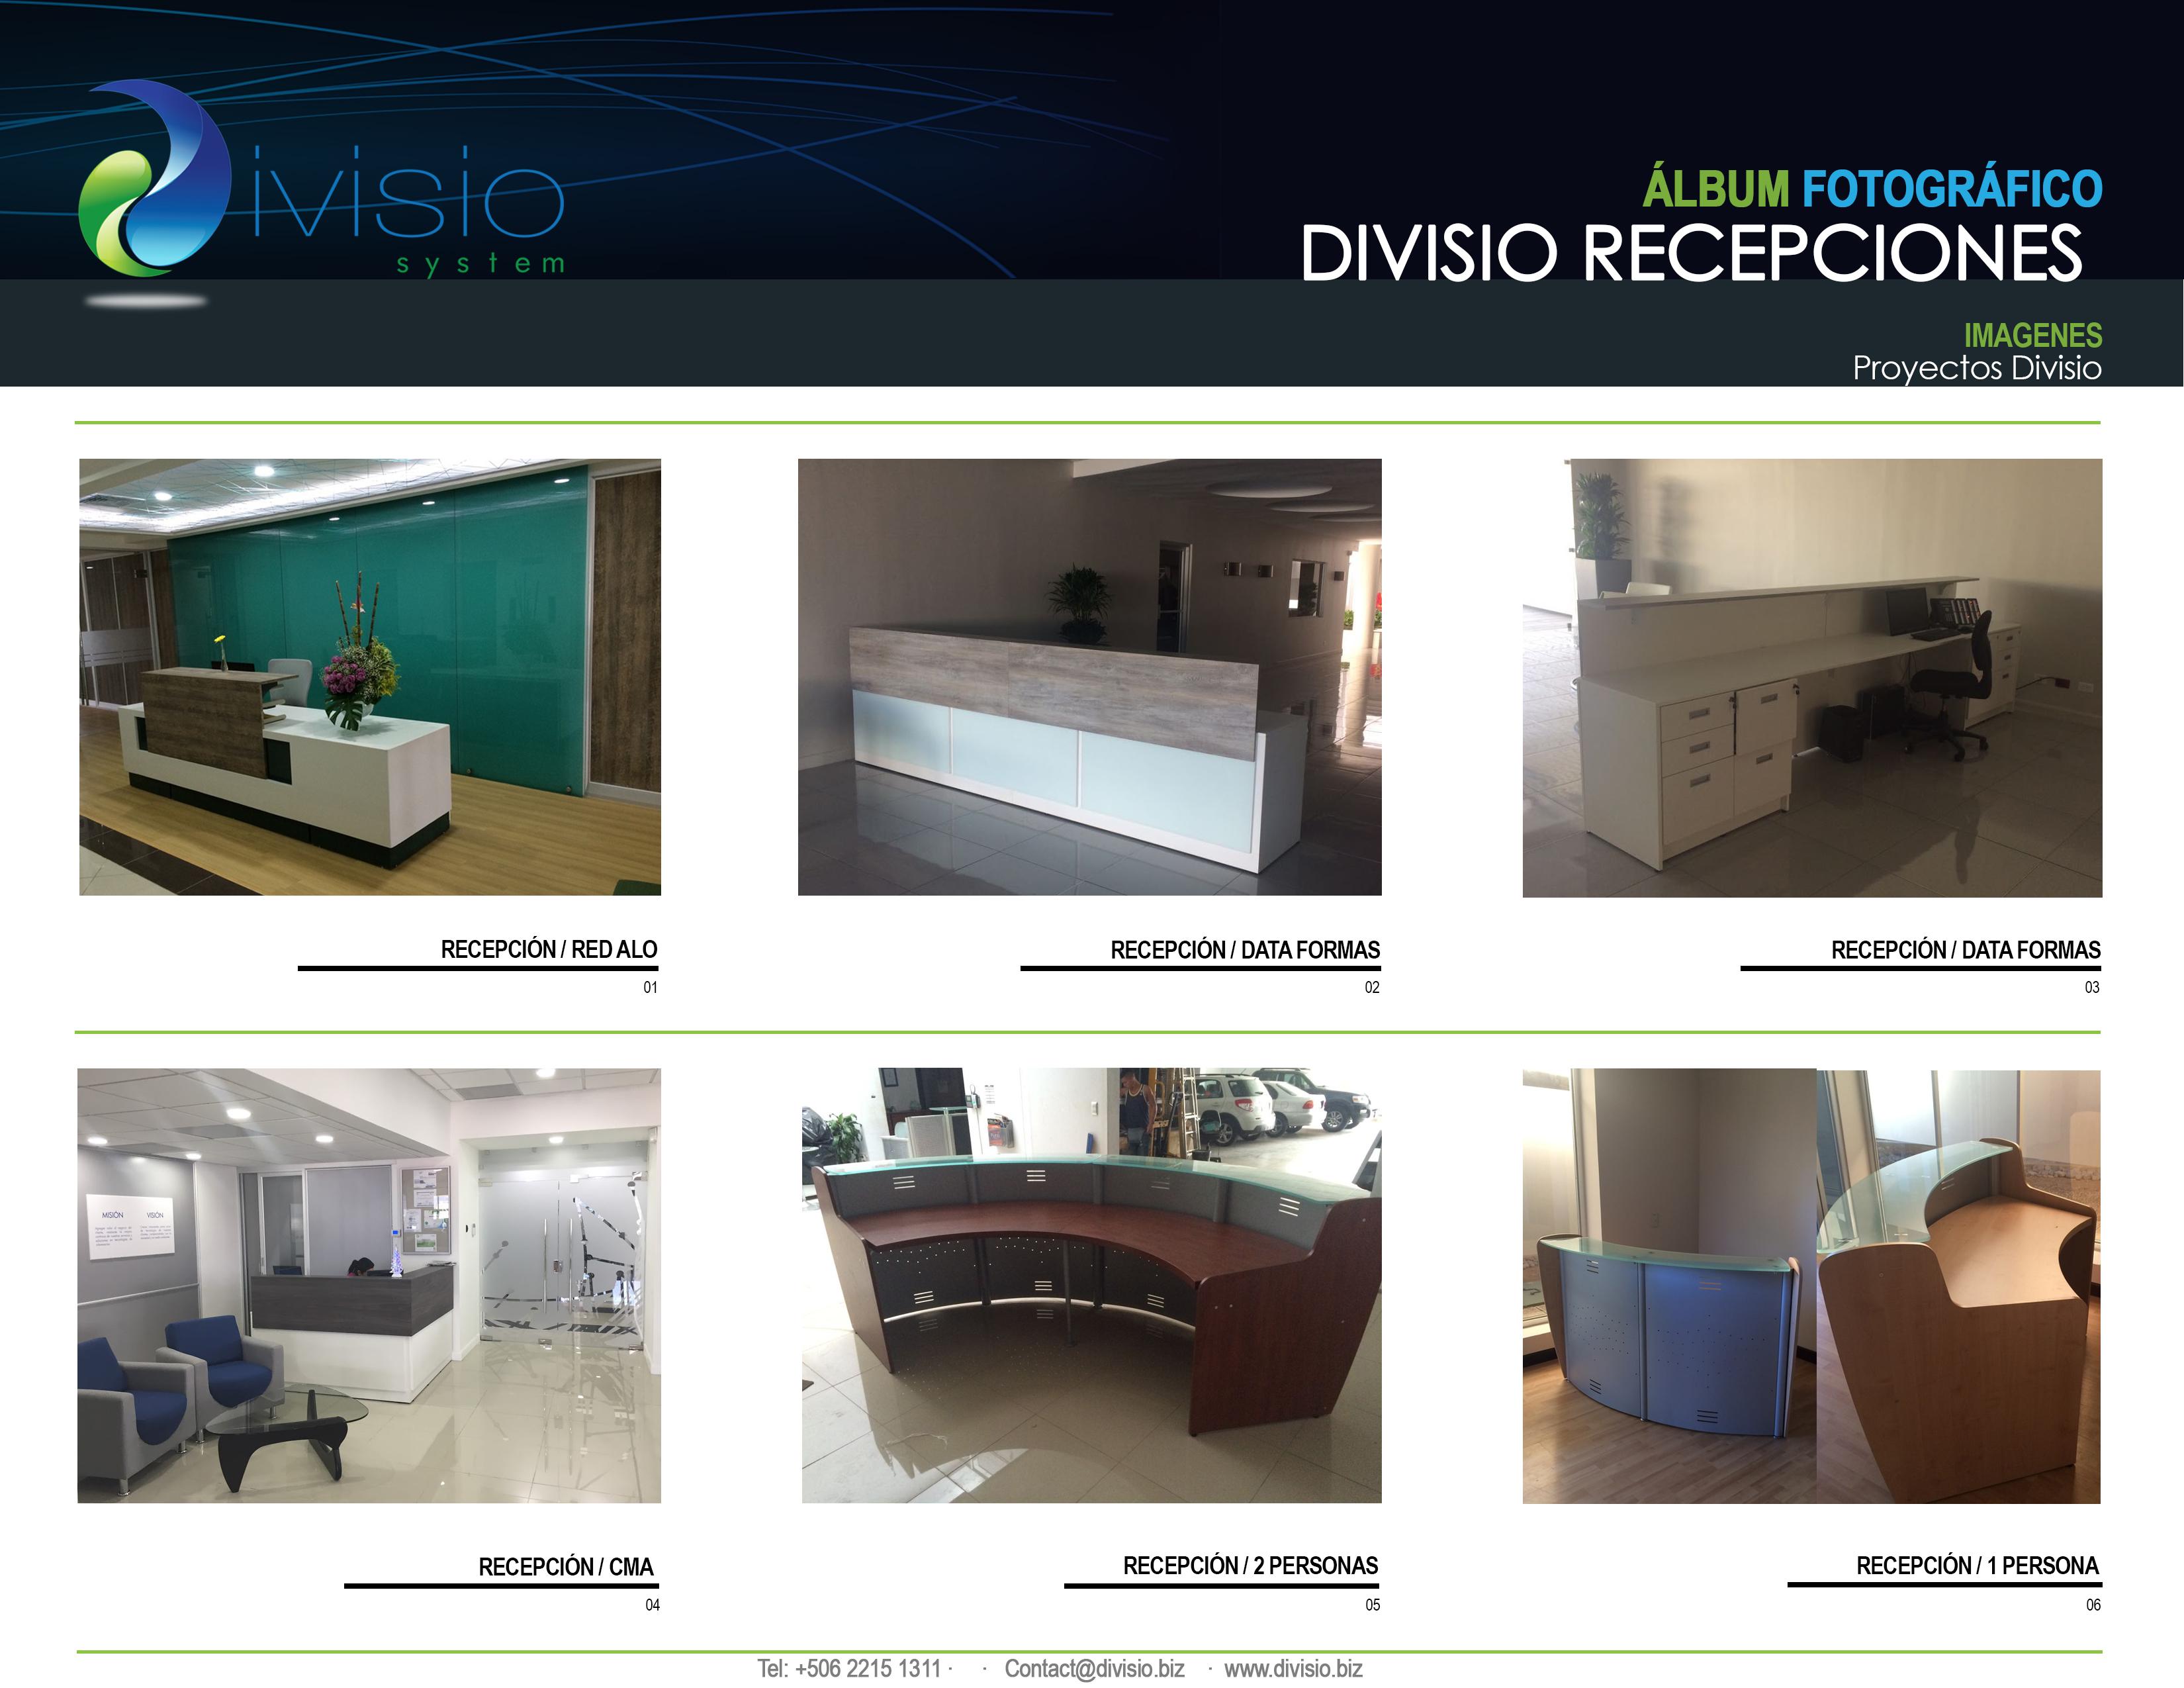 Contemporáneo Muebles Endbed Foto - Muebles Para Ideas de Diseño de ...